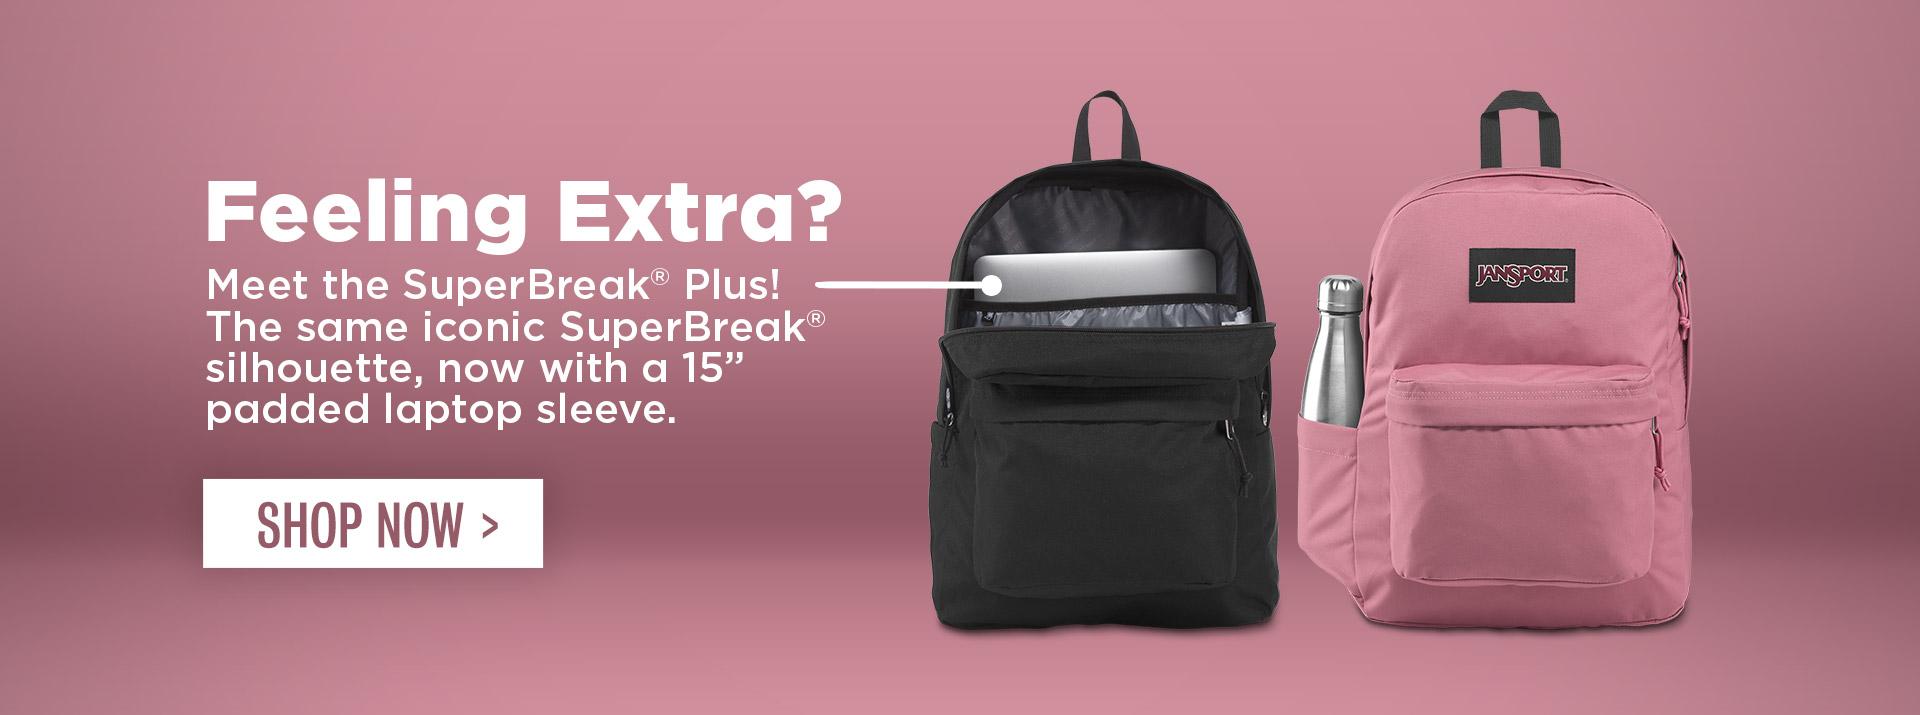 SuperBreak Plus